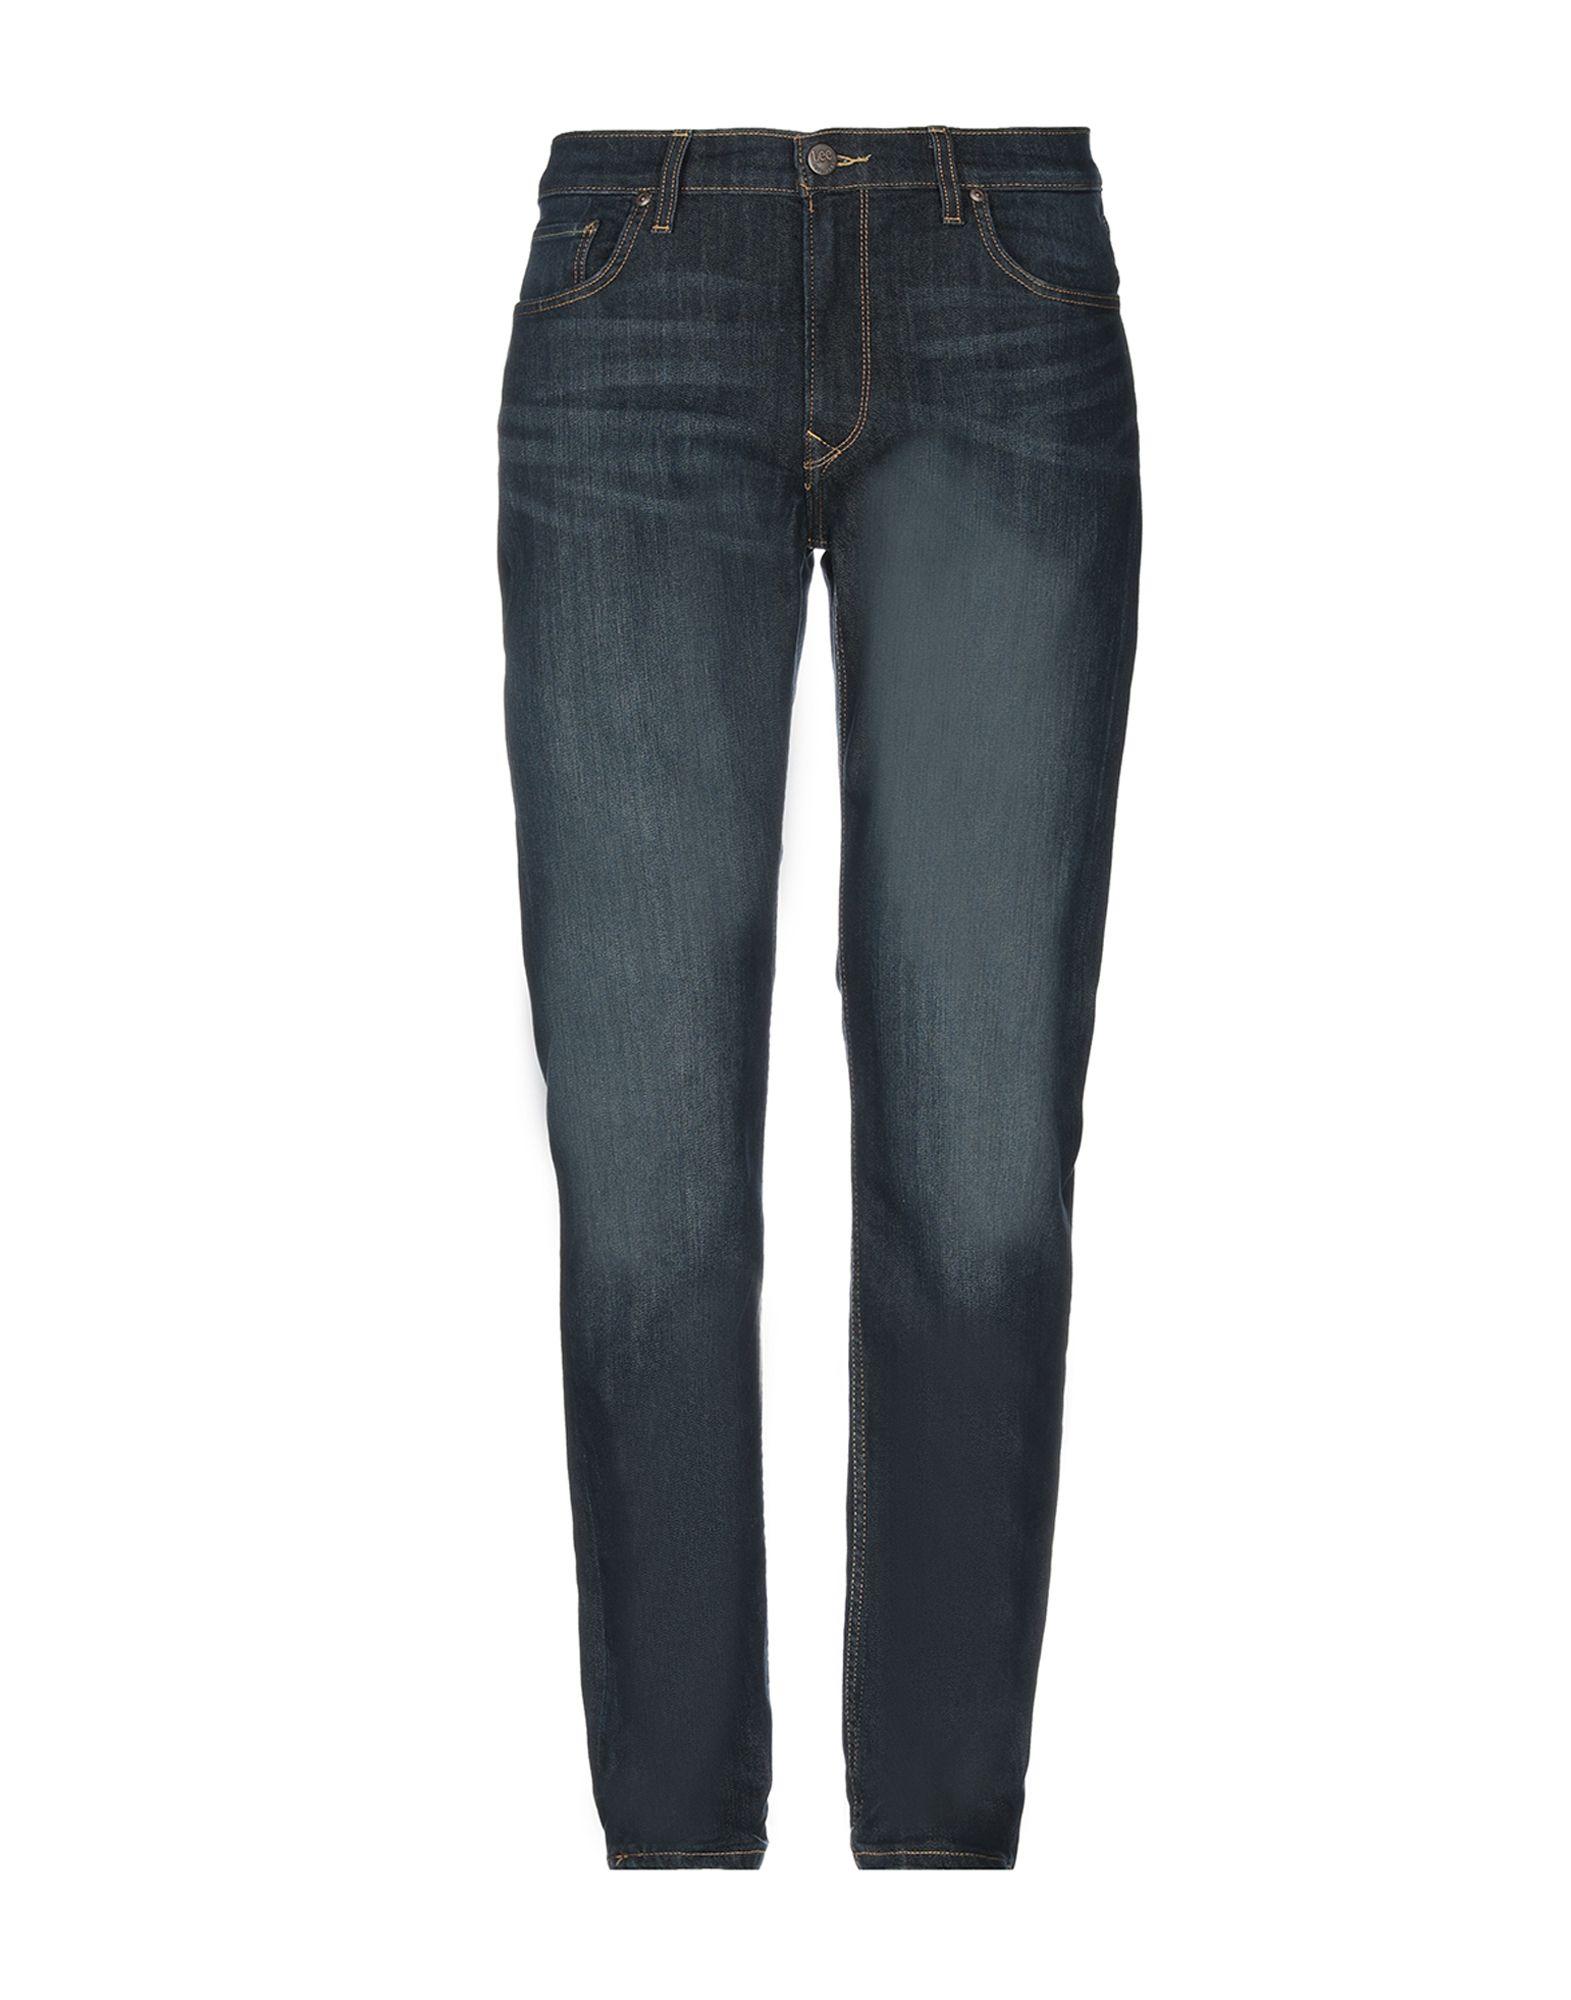 Pantaloni Jeans Lee uomo uomo - 42715049KF  im Angebot